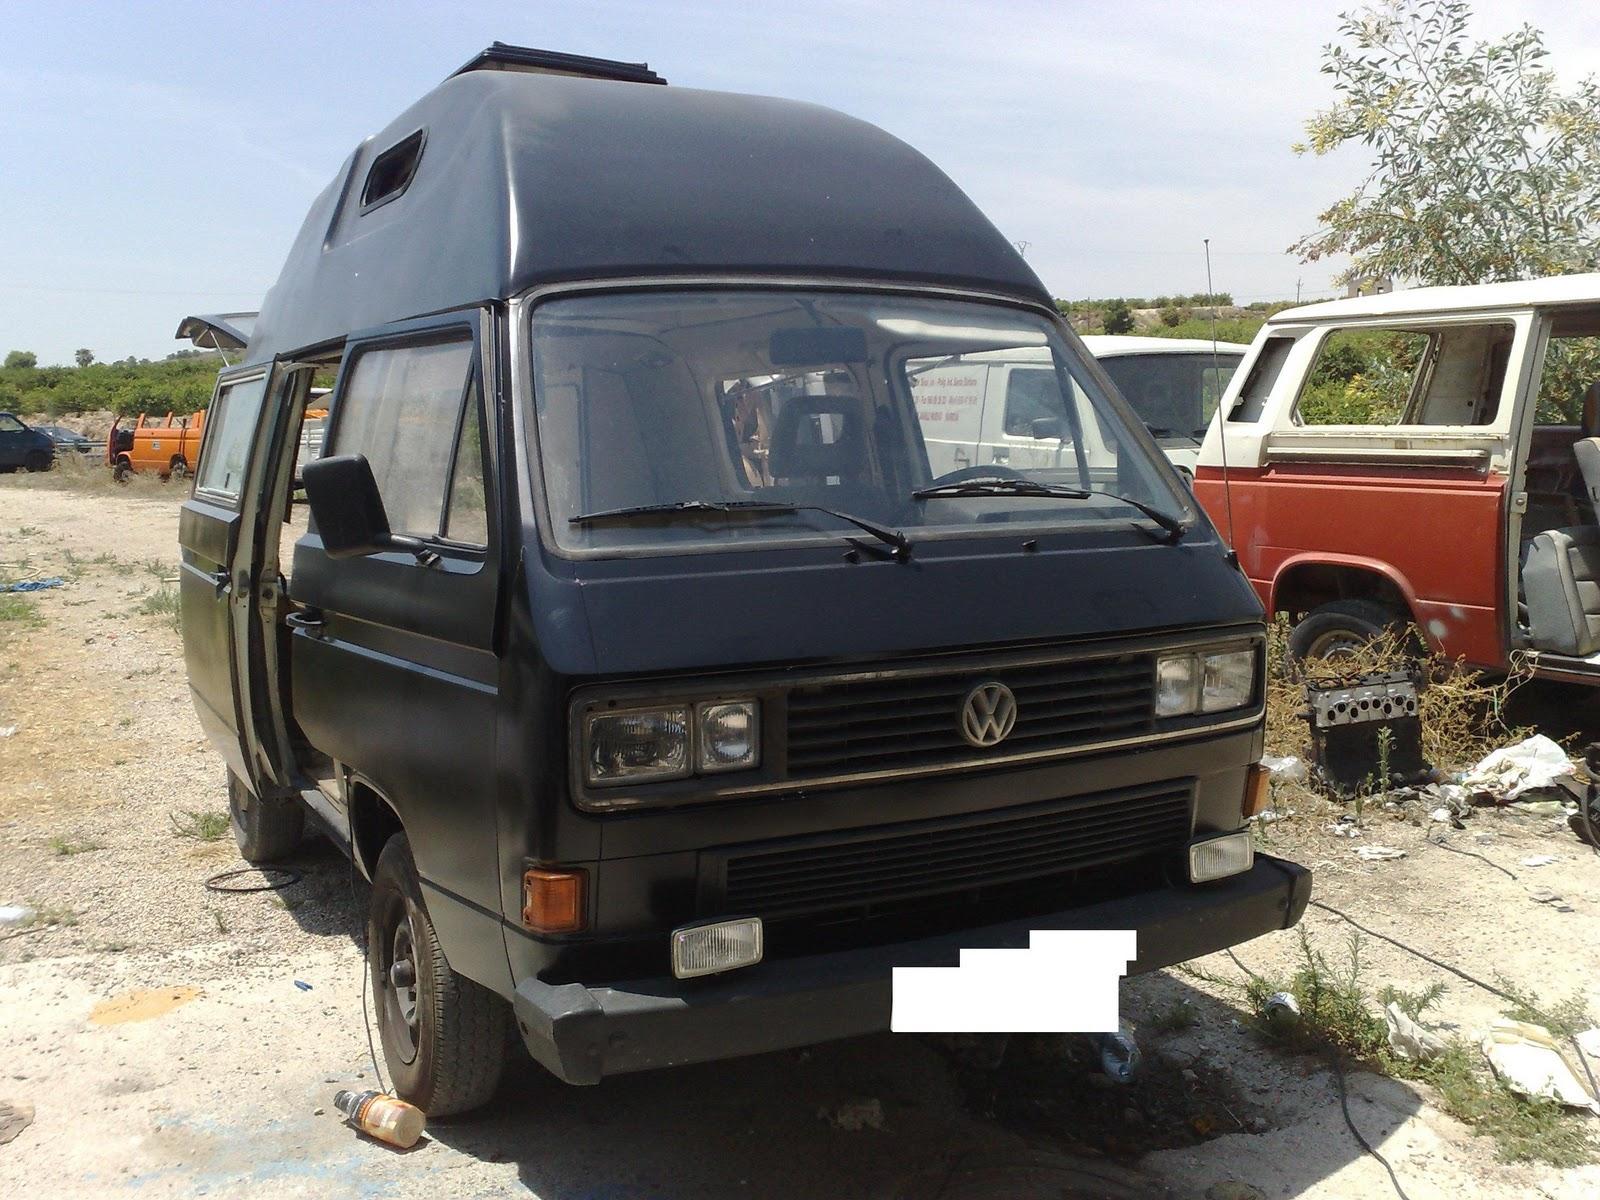 vendo furgoneta camper furgoneta vw t3 camper old school vendo furgoneta vw t3